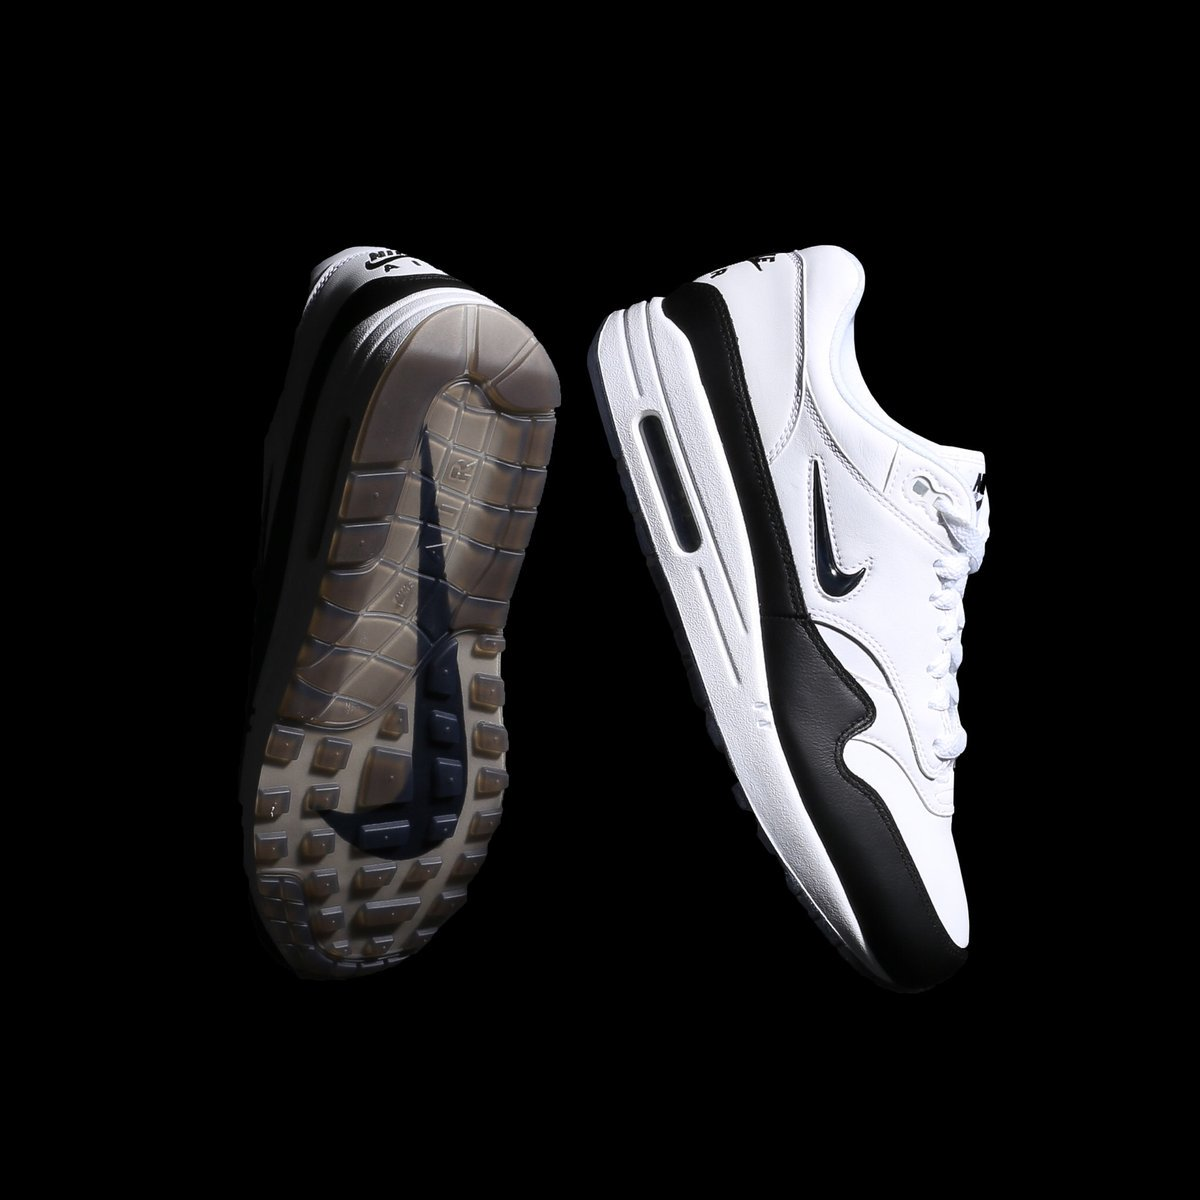 size 40 c4da7 3da3e MoreSneakers.com